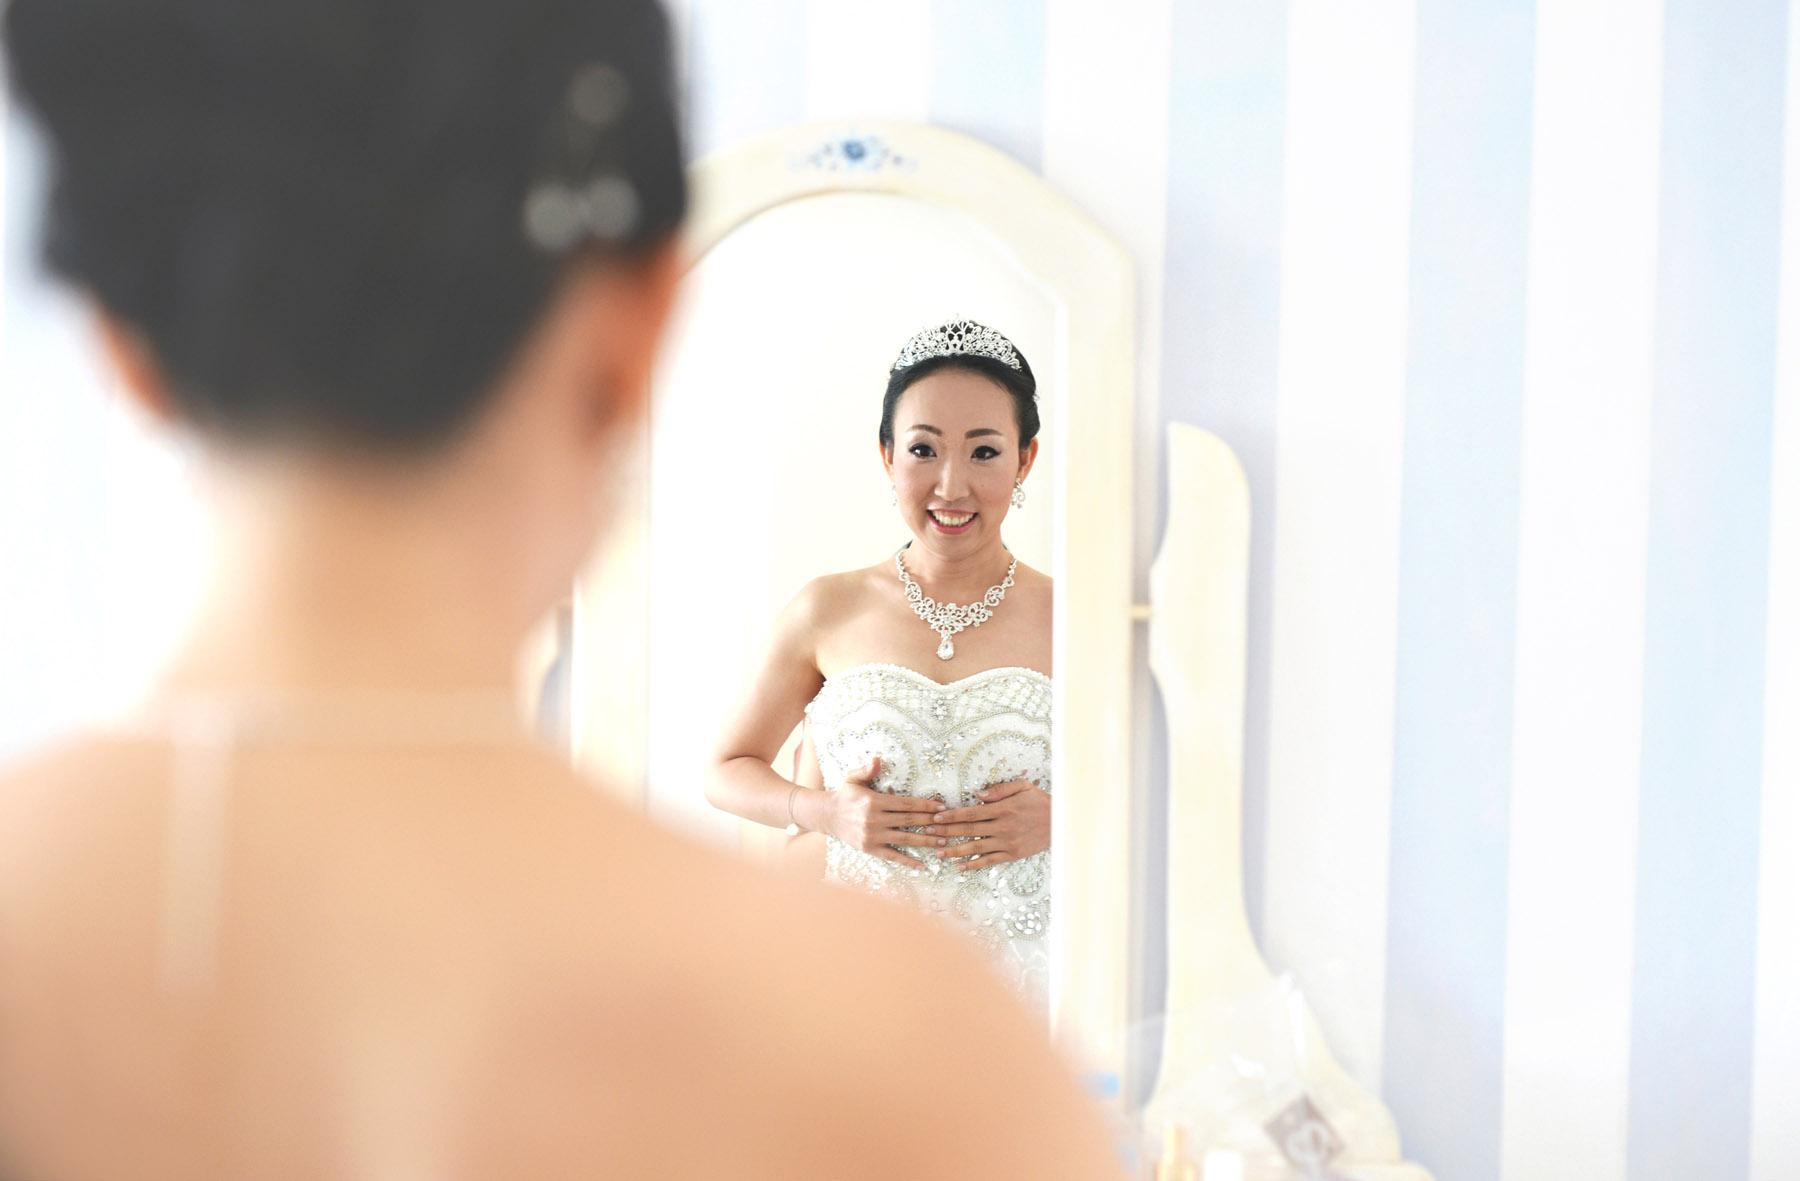 bodas asiaticas estepona